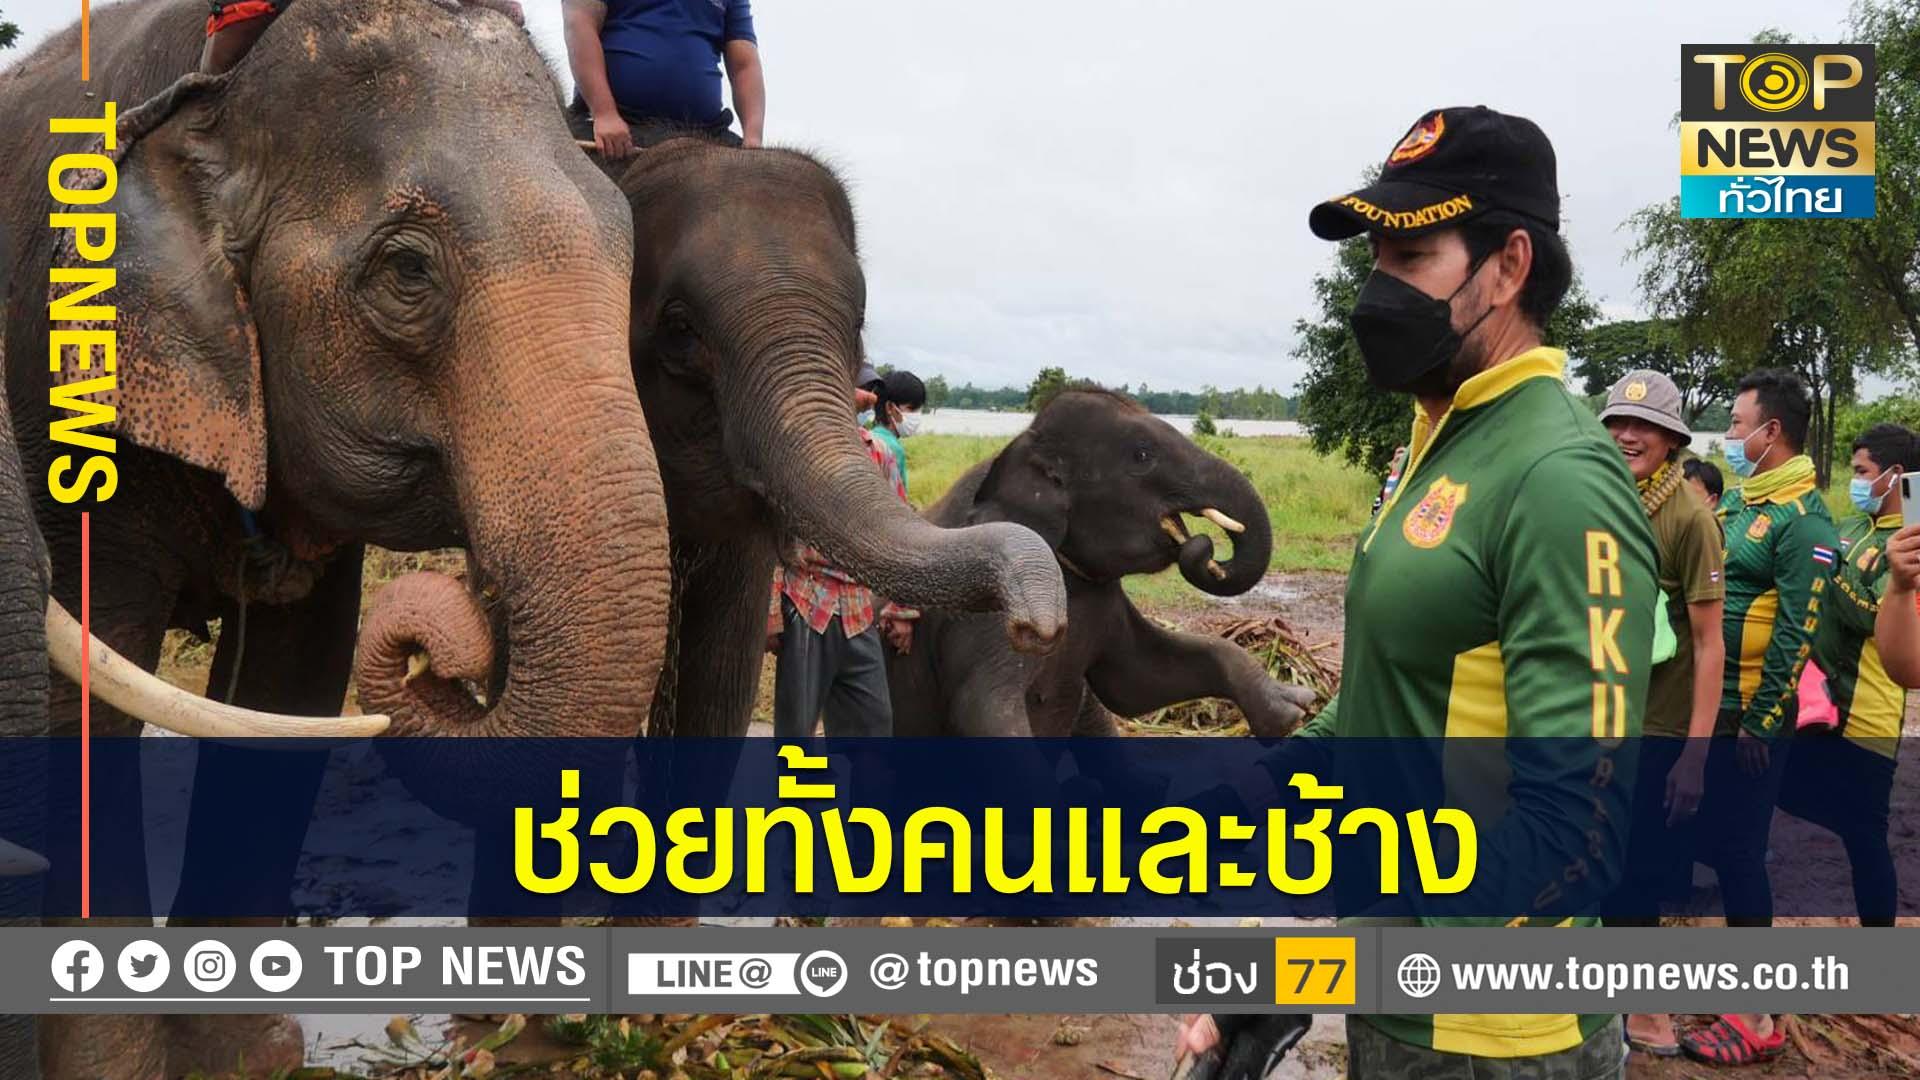 """""""บิณฑ์"""" พร้อมมูลนิธิร่วมกตัญญู รุดช่วยเหลือ ปชช.และช้าง ที่ประสบอุทกภัย ต.บ้านค่าย"""